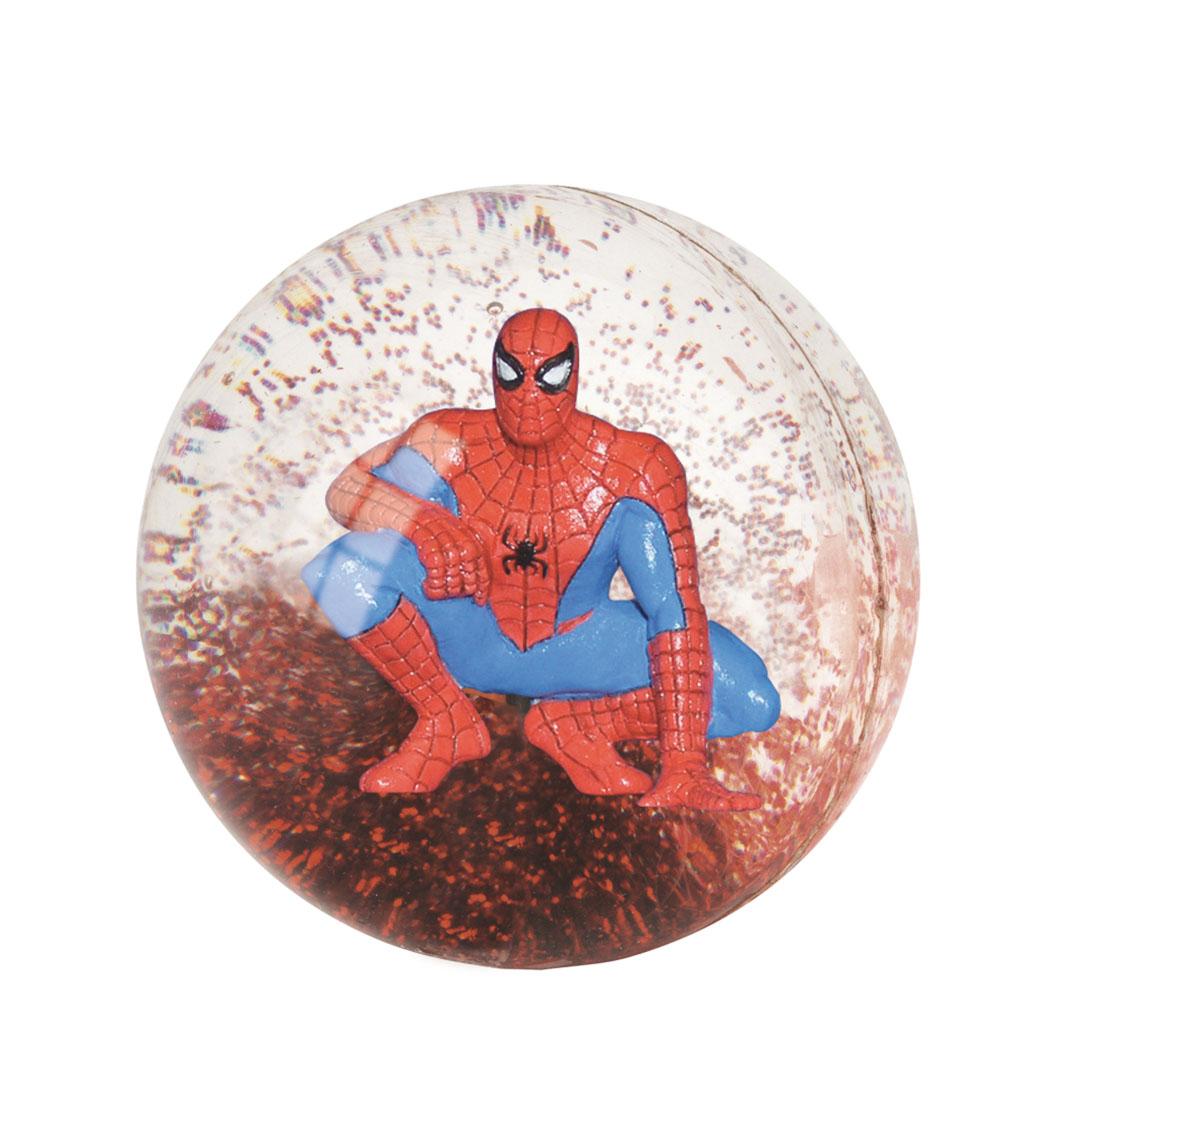 Мяч-попрыгун 3D John Человек-Паук, 5,5 см52339WDДетский прозрачный 3D мяч-попрыгун John Человек-Паук - это игрушка для детей любого возраста. Он выполнен из каучука с фигуркой Человека-Паука и блестками внутри. При ударе об пол мяч высоко отпрыгивает, что непременно понравится вашему ребенку. Мяч незаменим для любителей подвижных игр и активного отдыха и абсолютно безопасен. Игры с мячом развивают координацию движений, способствуют физическому развитию ребенка.